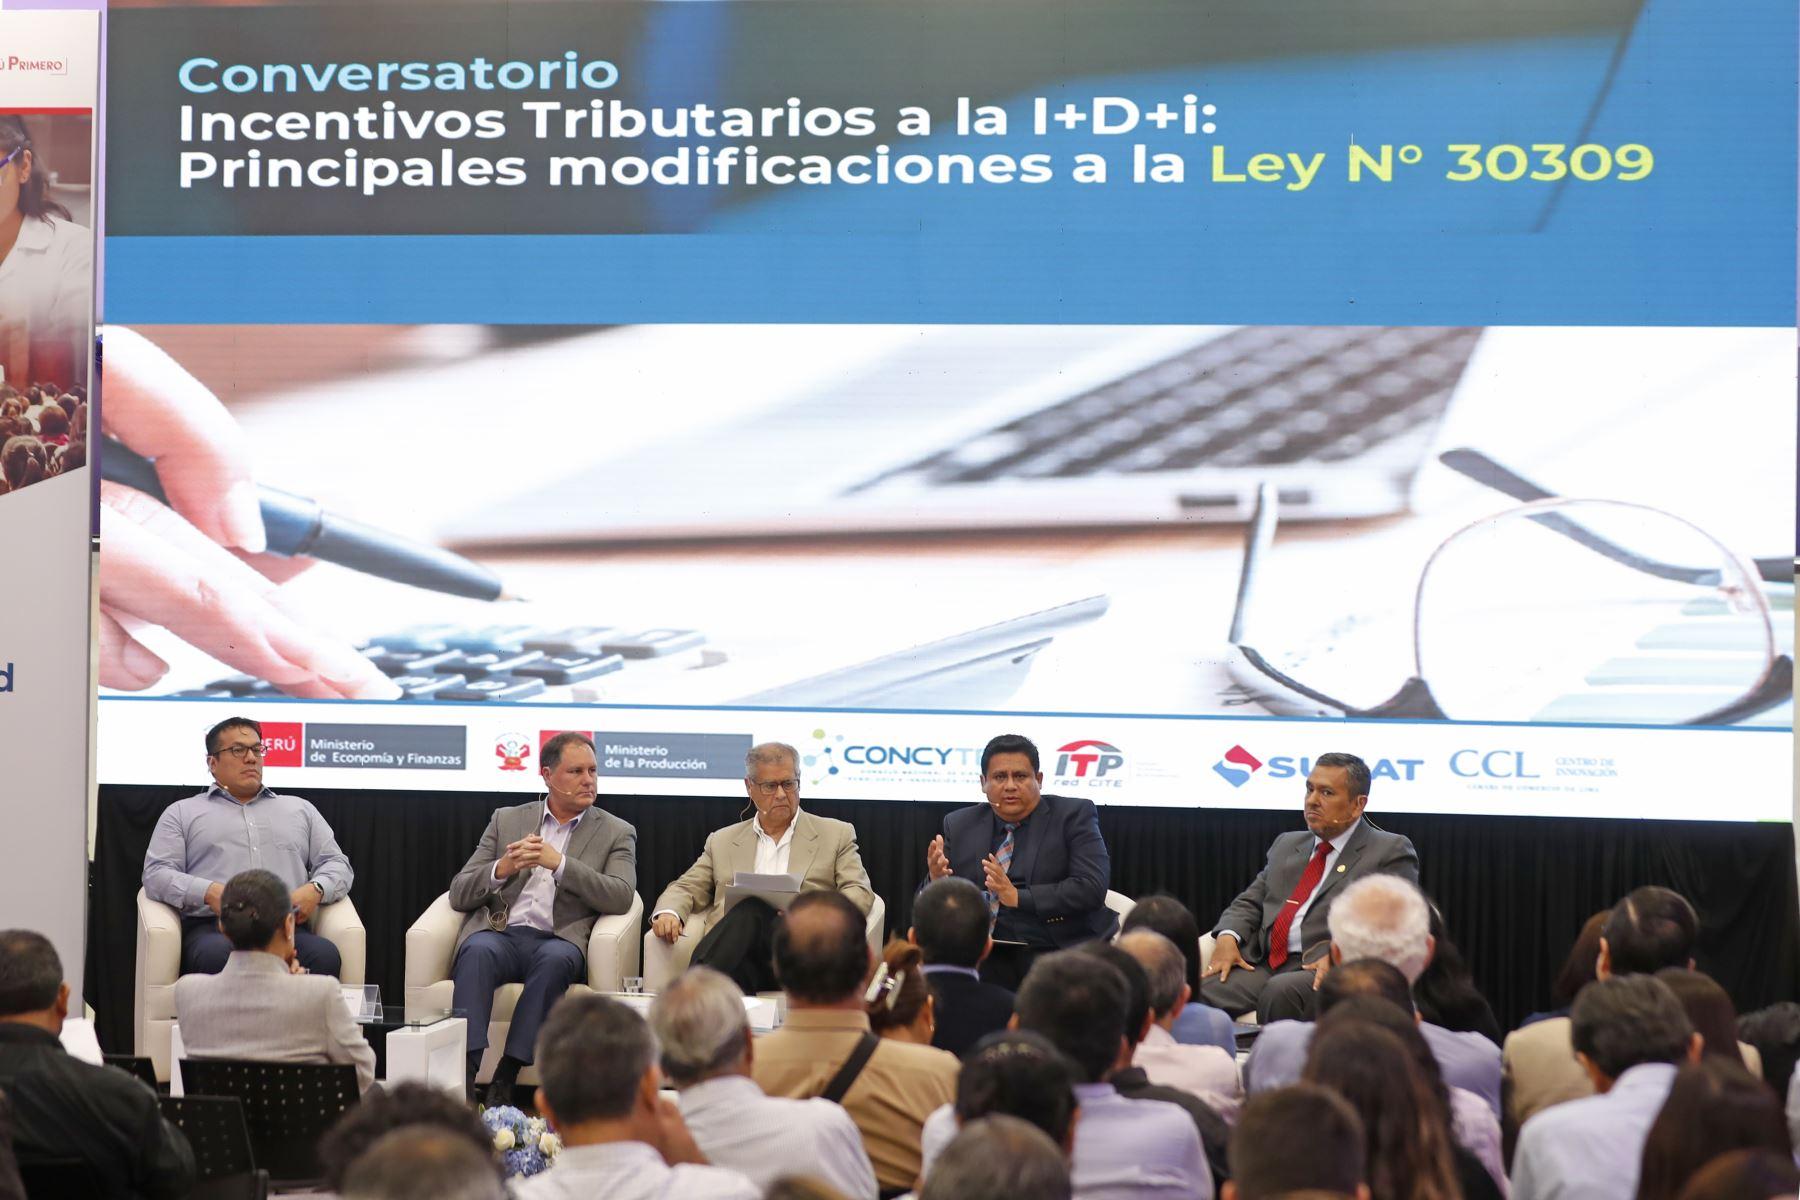 Sergio Rodríguez, director ejecutivo del ITP; Sergio Gamio de Ilender Perú; Henry Harman, director de programas políticas del Concytec; Heinner Guio de Inbiomedic y Domingo Neyra, gerente de Estrategias de la Sunat. Foto: ANDINA/Renato Pajuelo